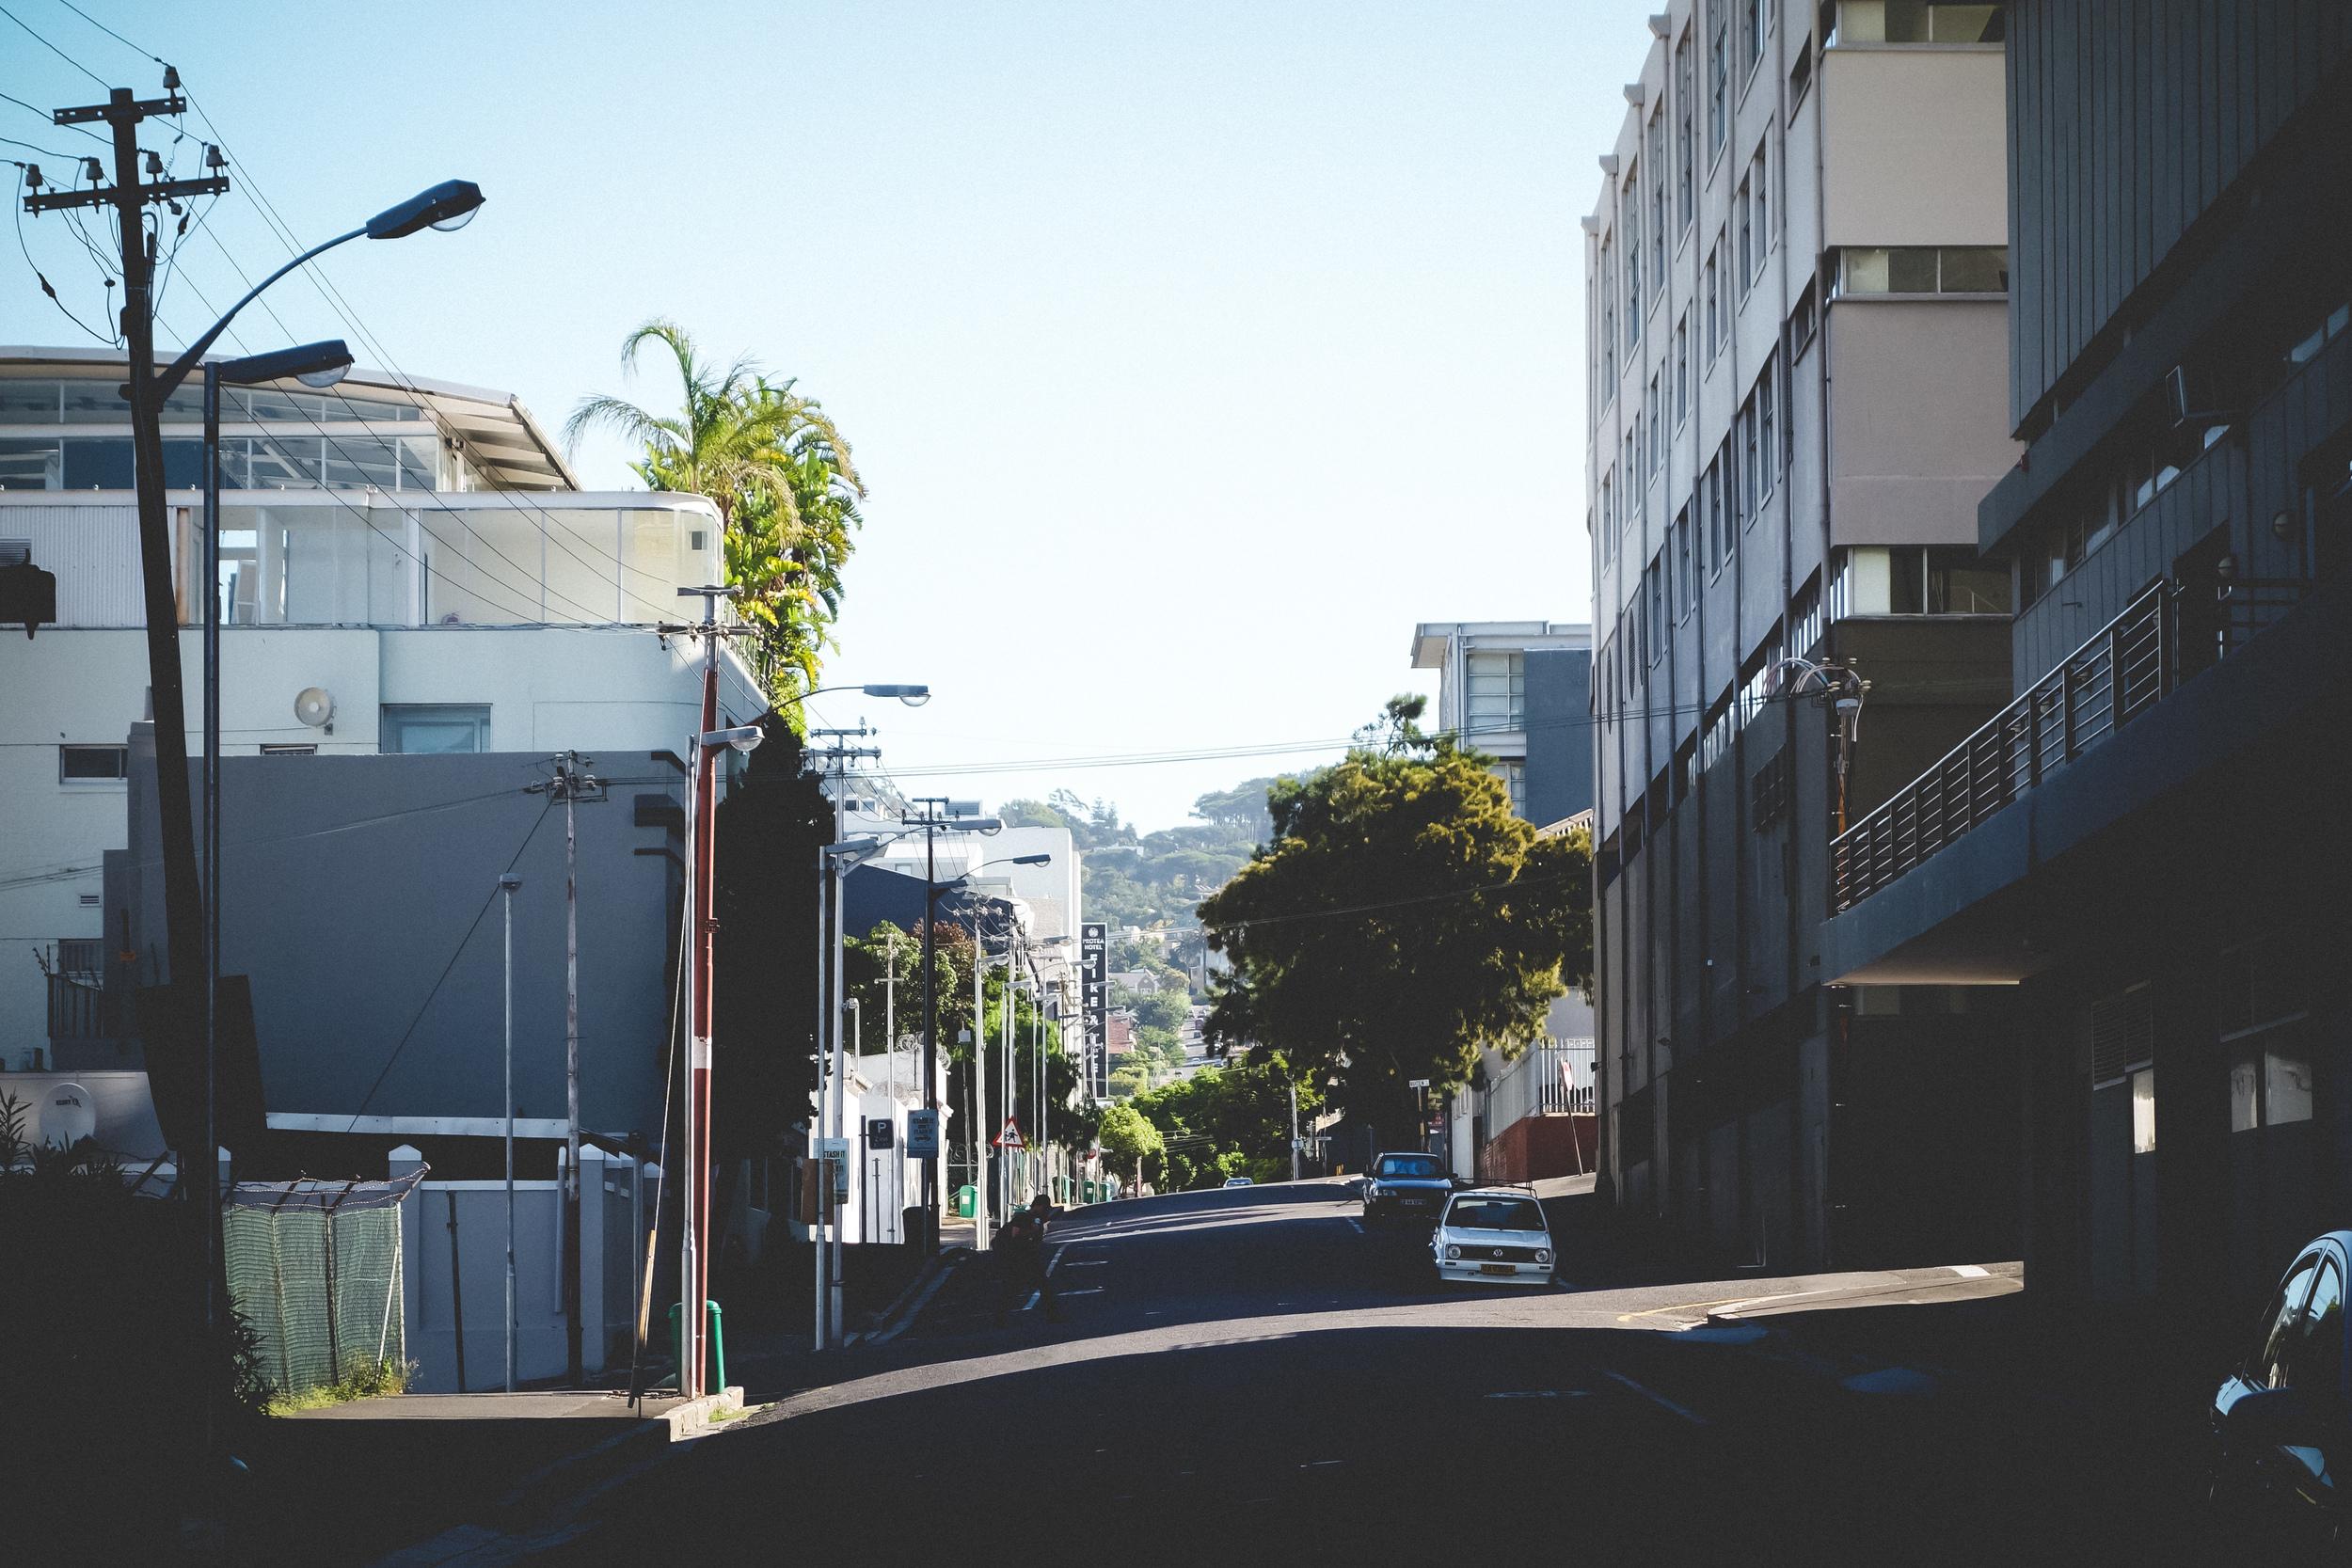 Cape-Town-3.jpg